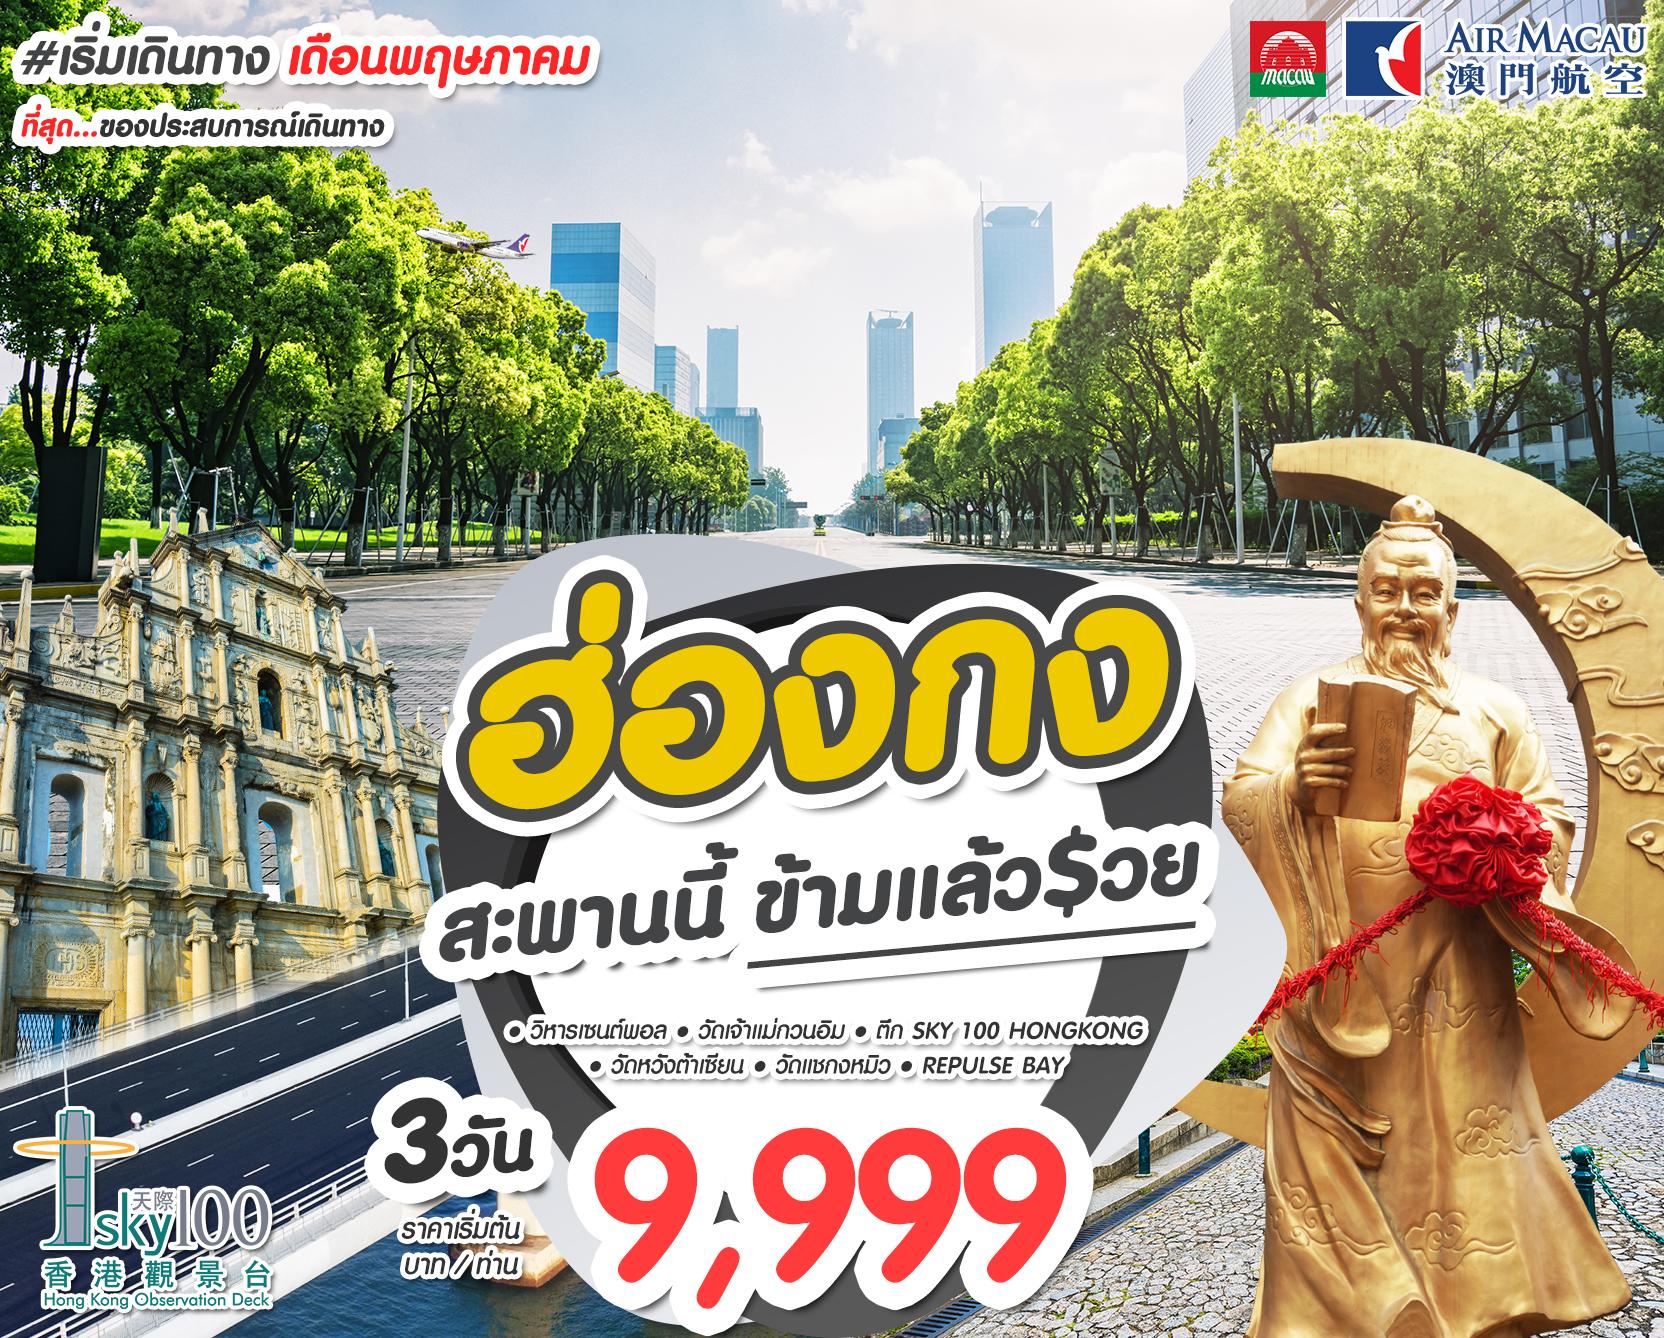 ทัวร์ฮ่องกง-ไหว้พระ-ฮ่องกง-มาเก๊า-สะพานนี้ข้ามแล้วรวย-3วัน-2คืน-(NX)-(MAY19)